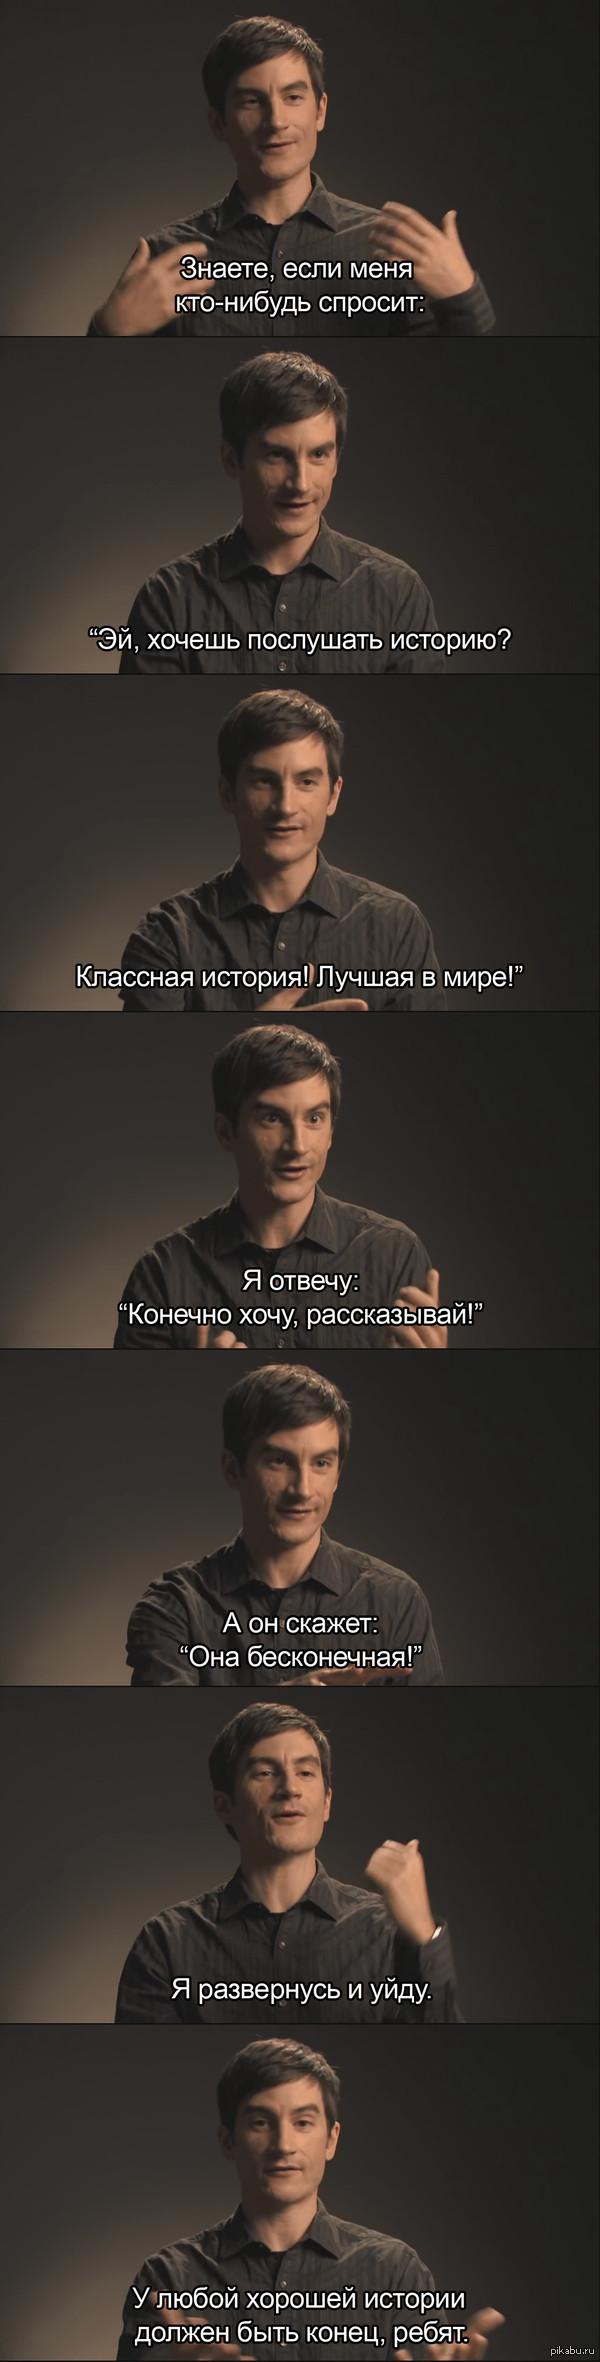 """О продолжениях Брайан Кониецко - один из создателей мультсериалов об Аватарах. Фанаты могут найти здесь ответ на вопрос """"Когда следующий сезон?"""""""